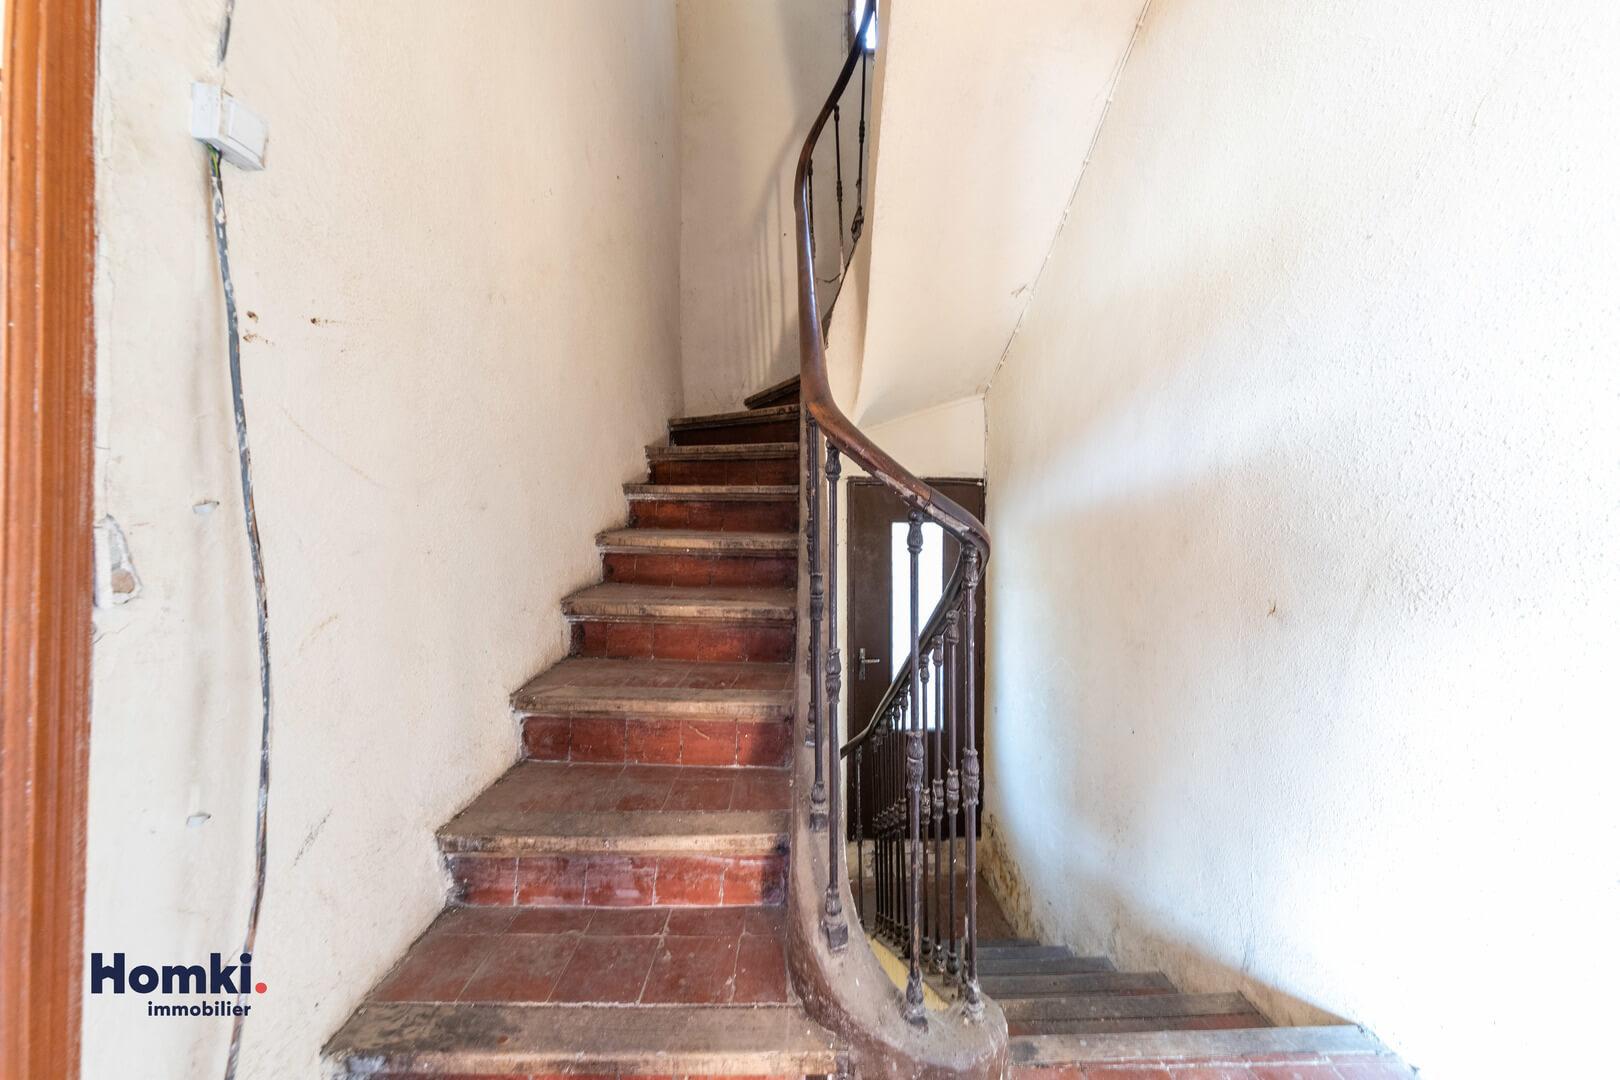 Homki - Vente maison/villa  de 75.0 m² à carpentras 84200